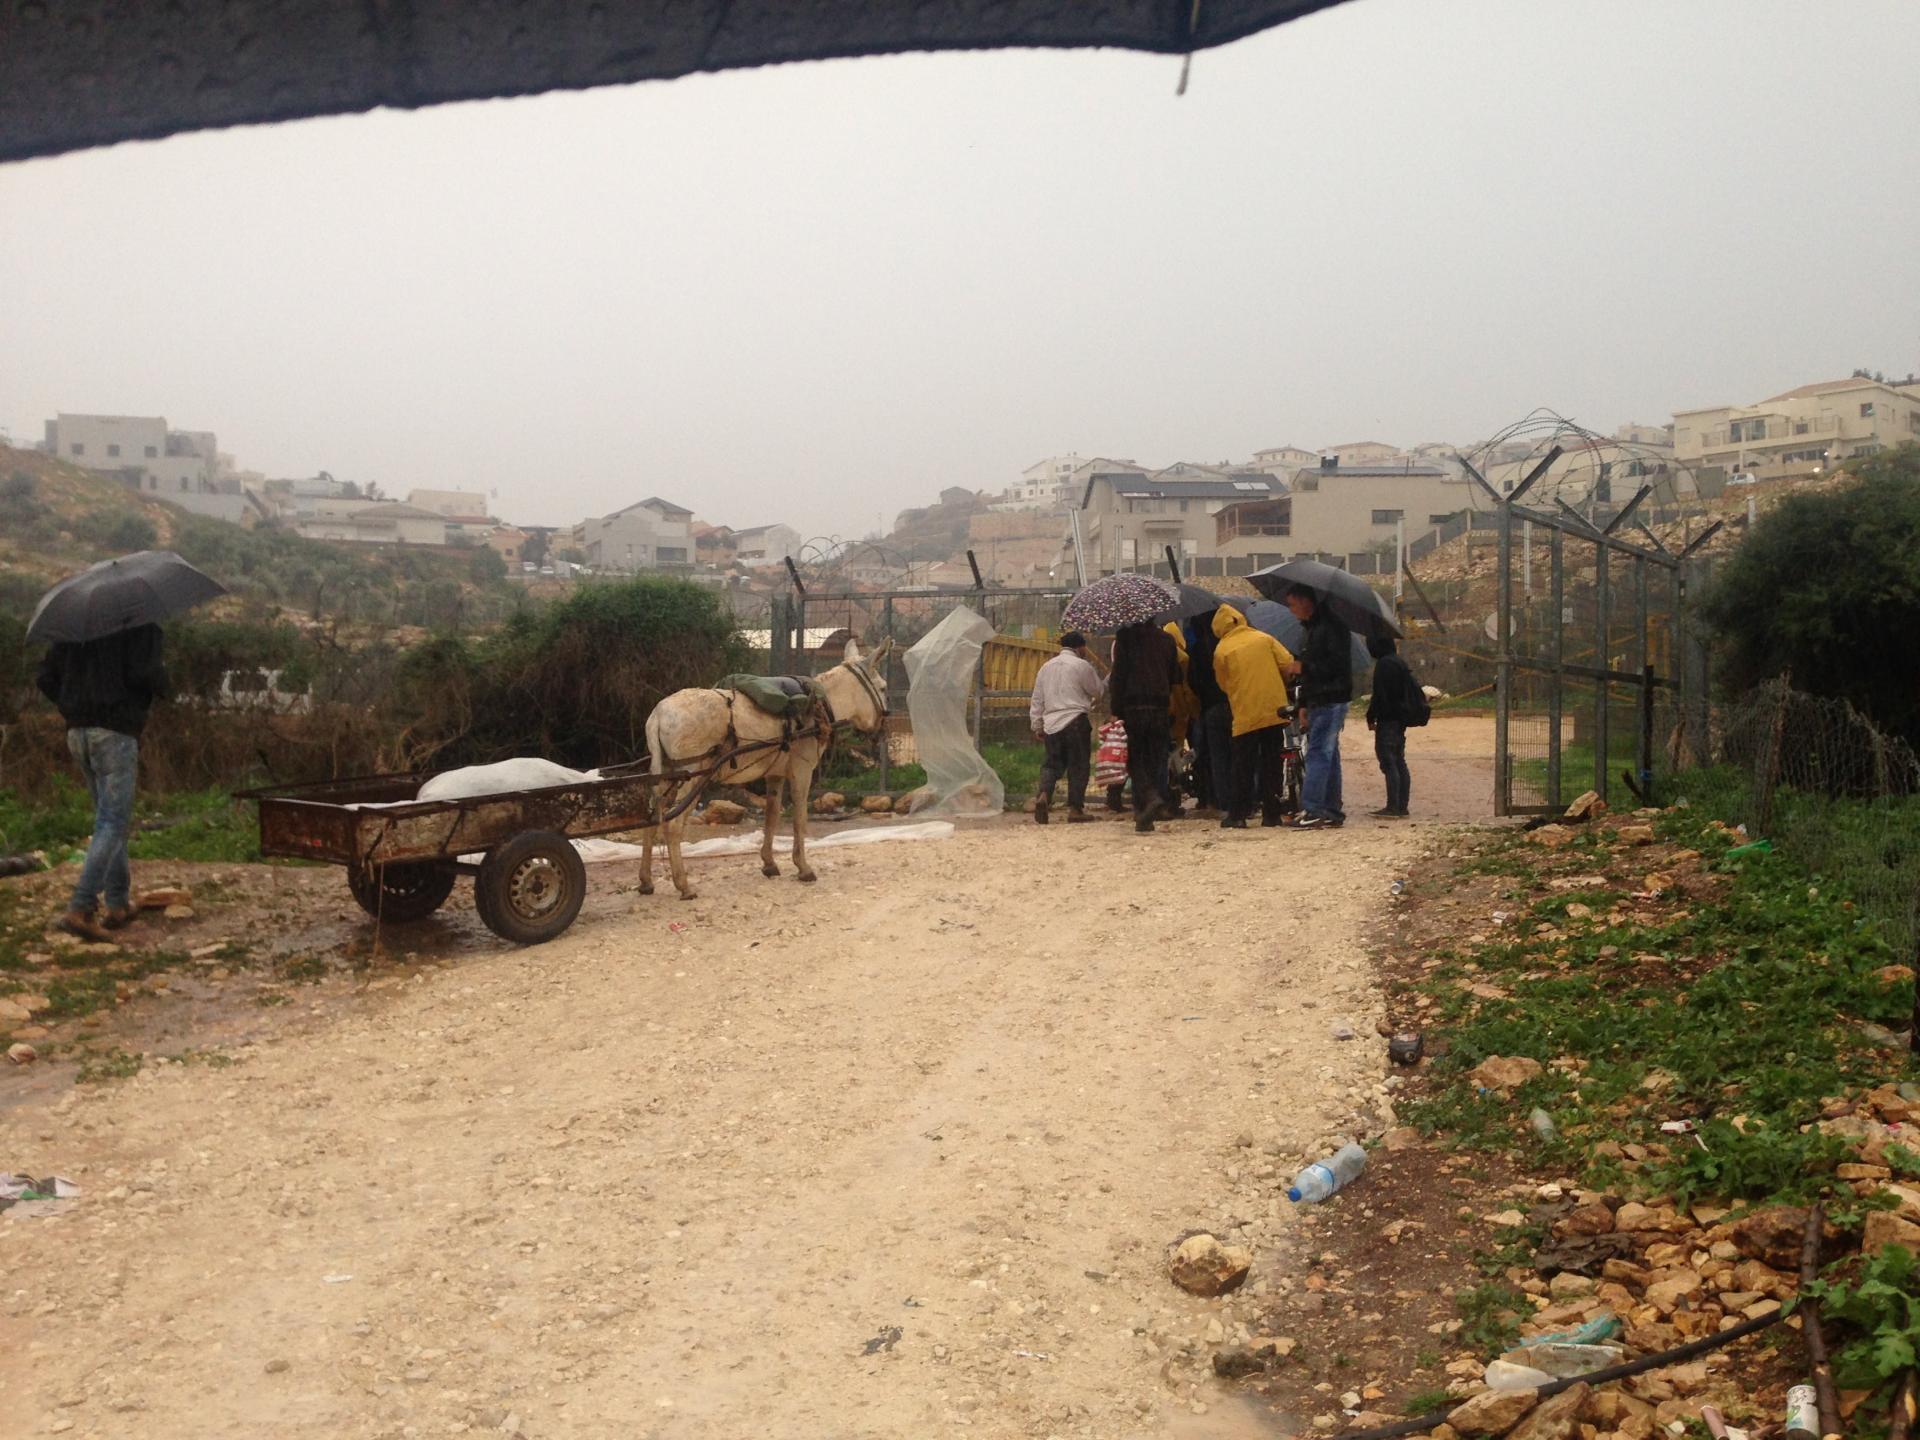 קבוצת אנשים לפני המעבר במחסום